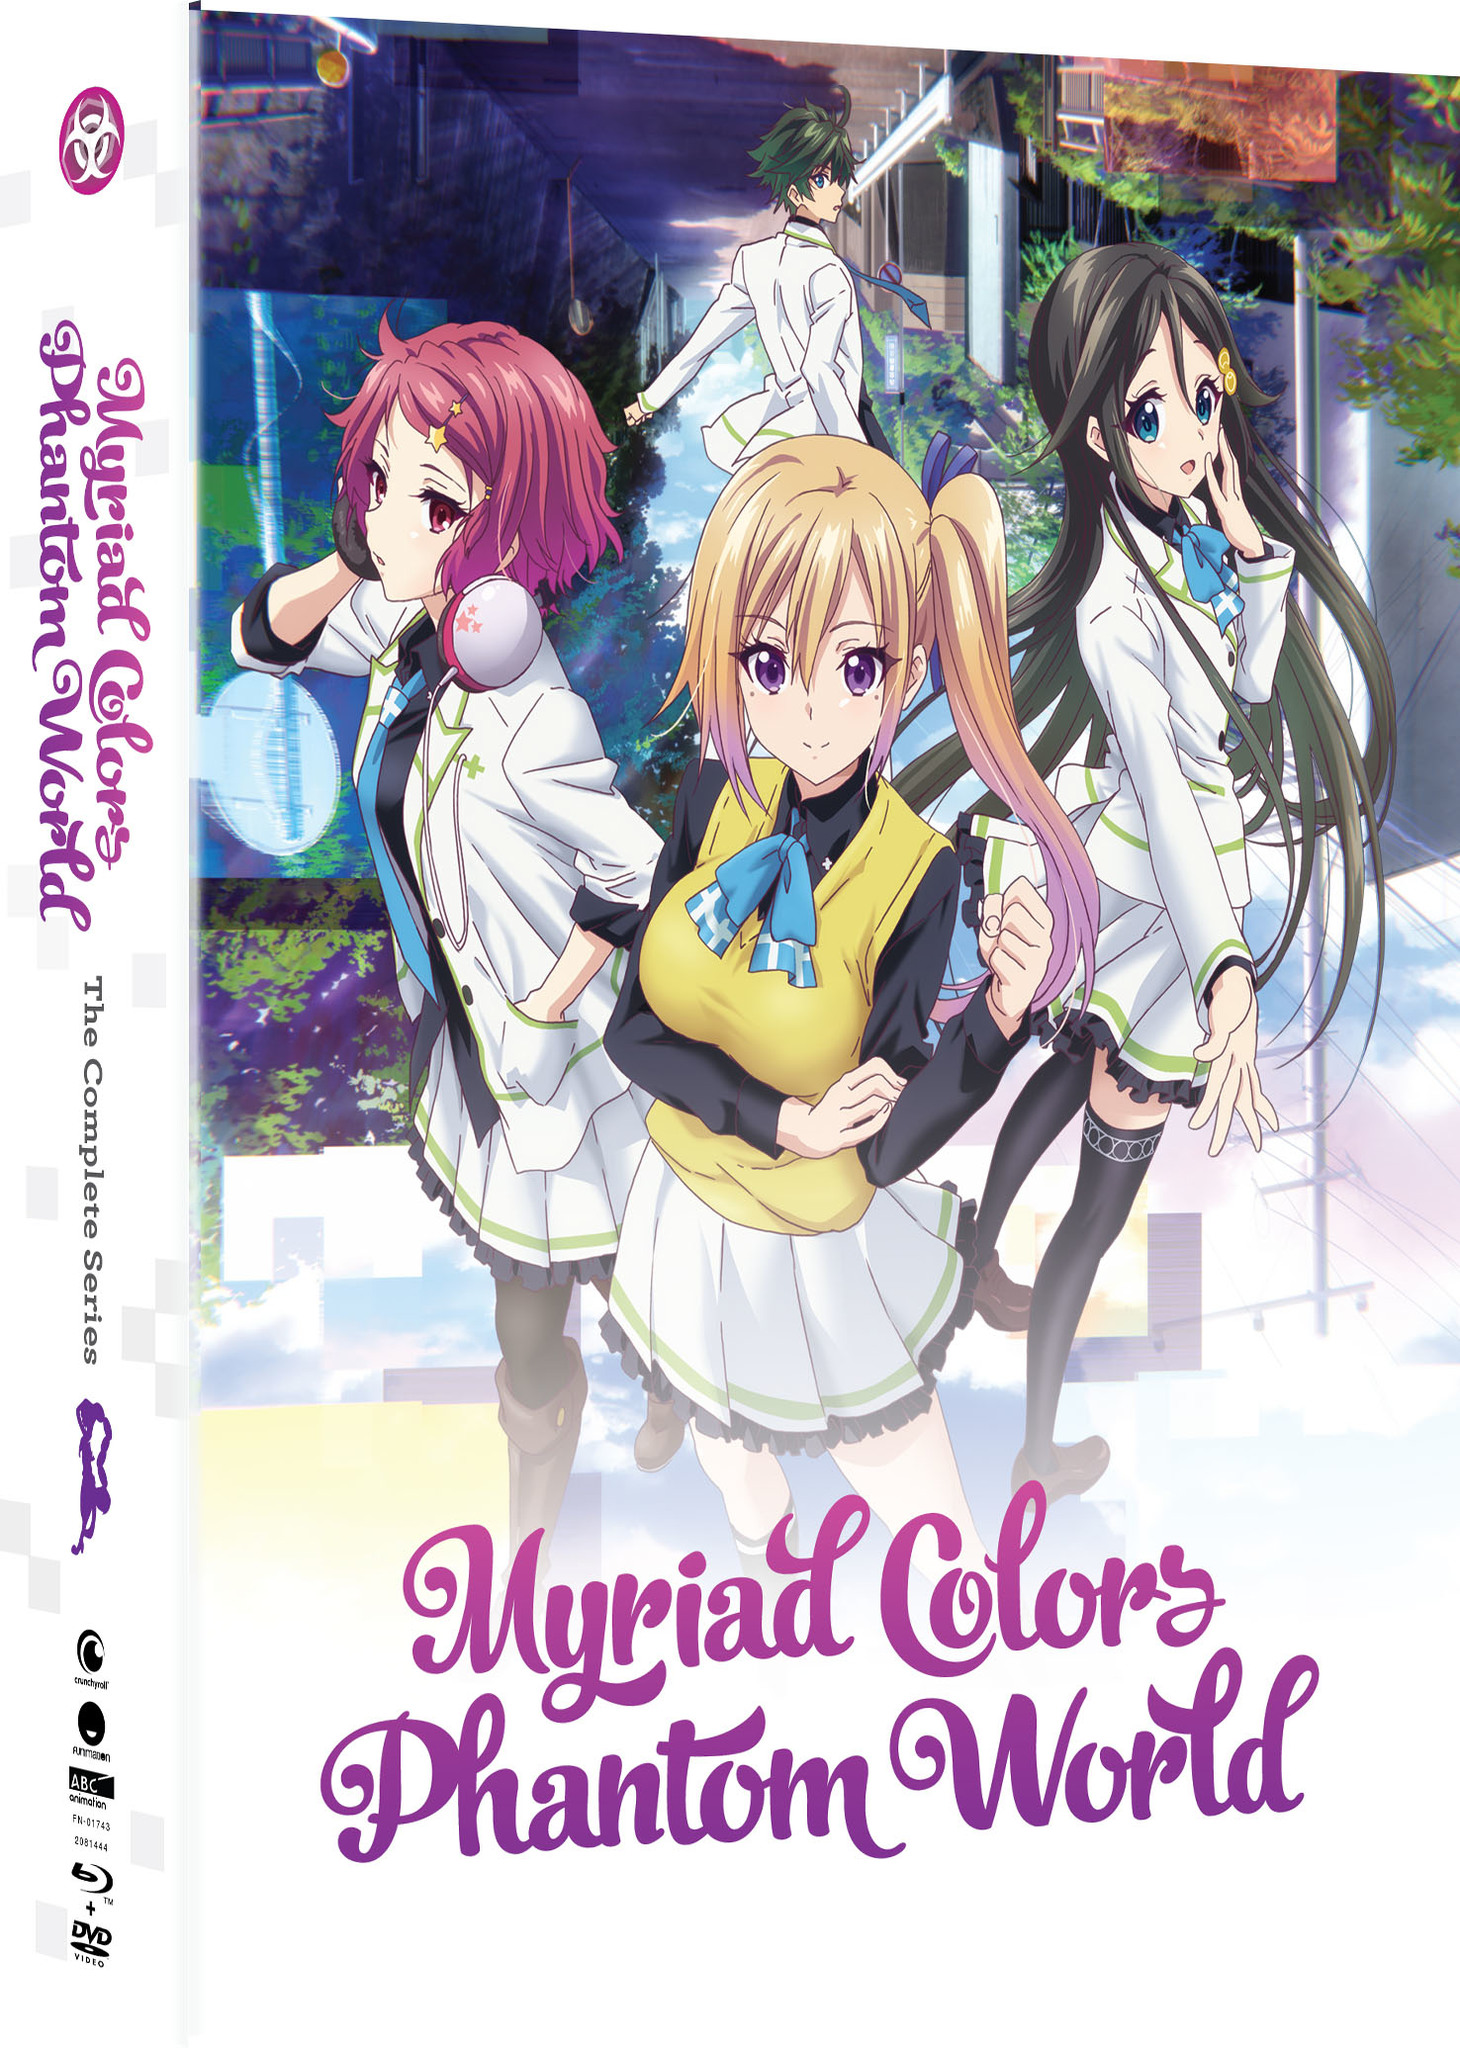 Myriad Colors Phantom World Limited Edition Blu-ray/DVD 704400017438